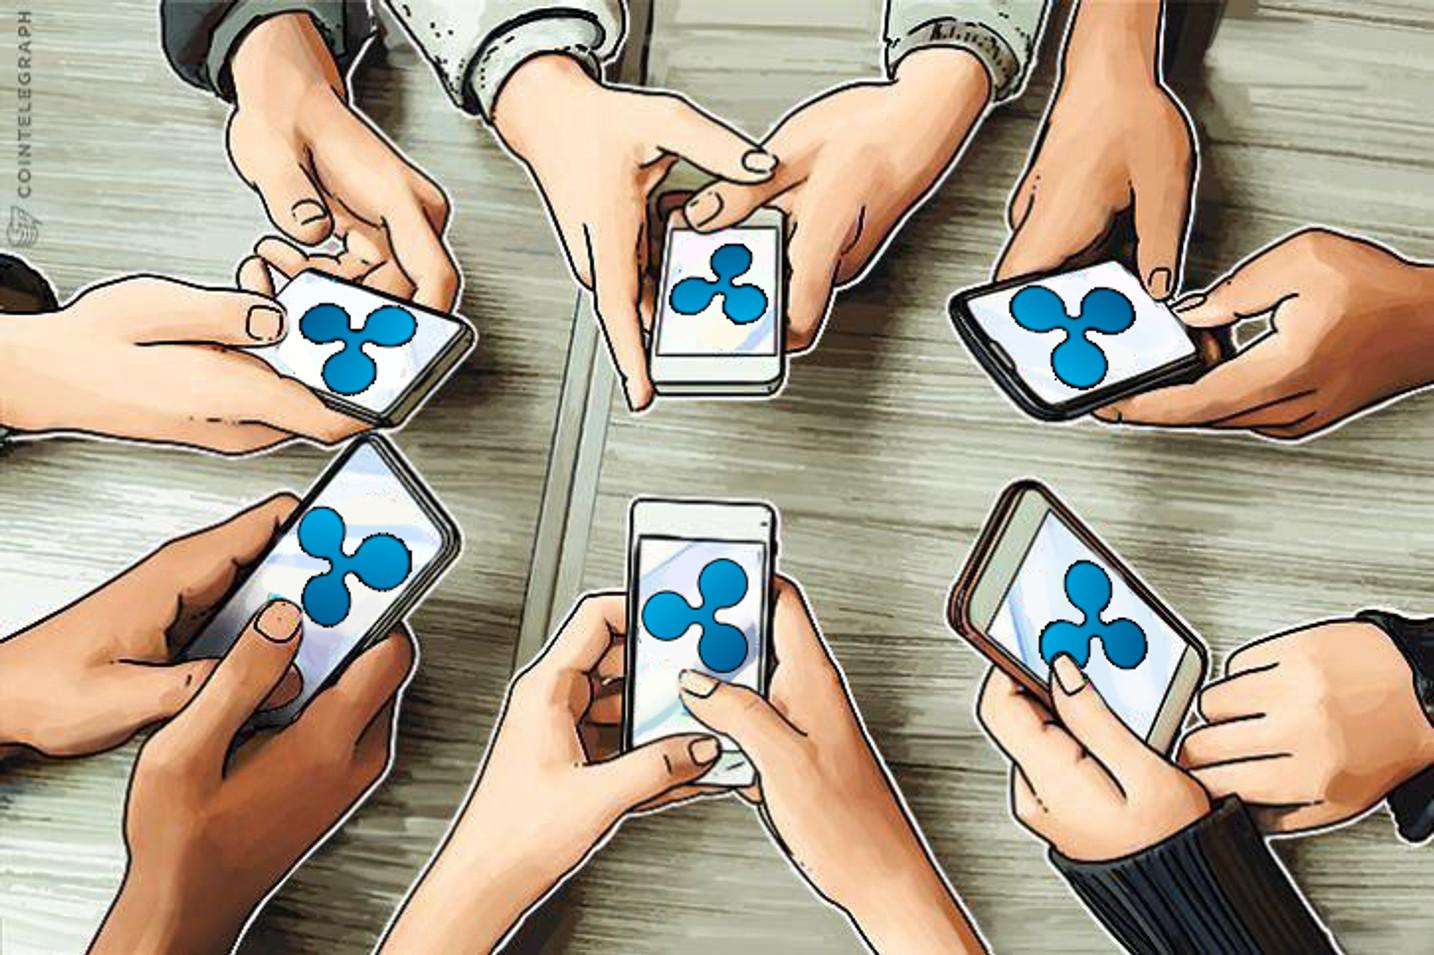 Consorcio de 61 bancos japoneses para lanzará aplicación de pago móvil instantáneo impulsado por Ripple